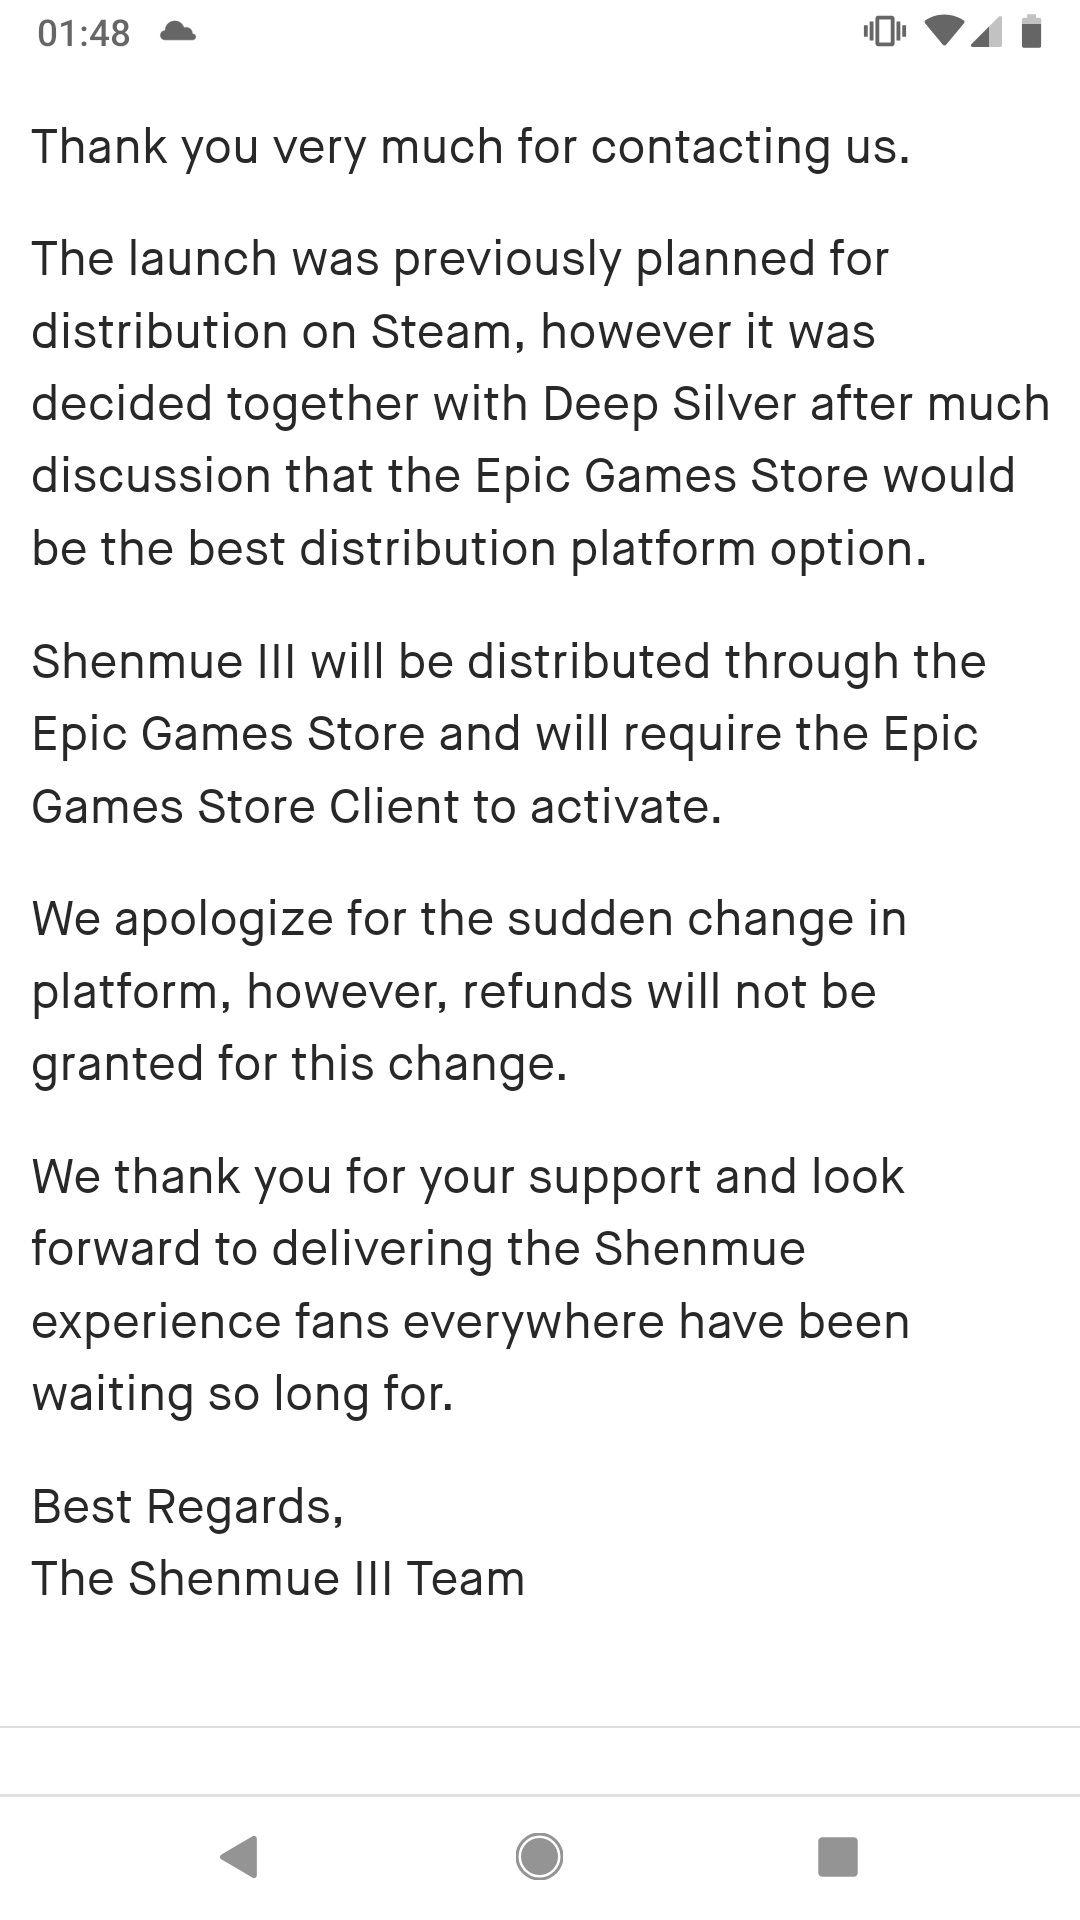 《莎木3》转换发售平台引发玩家怒火 要求退款